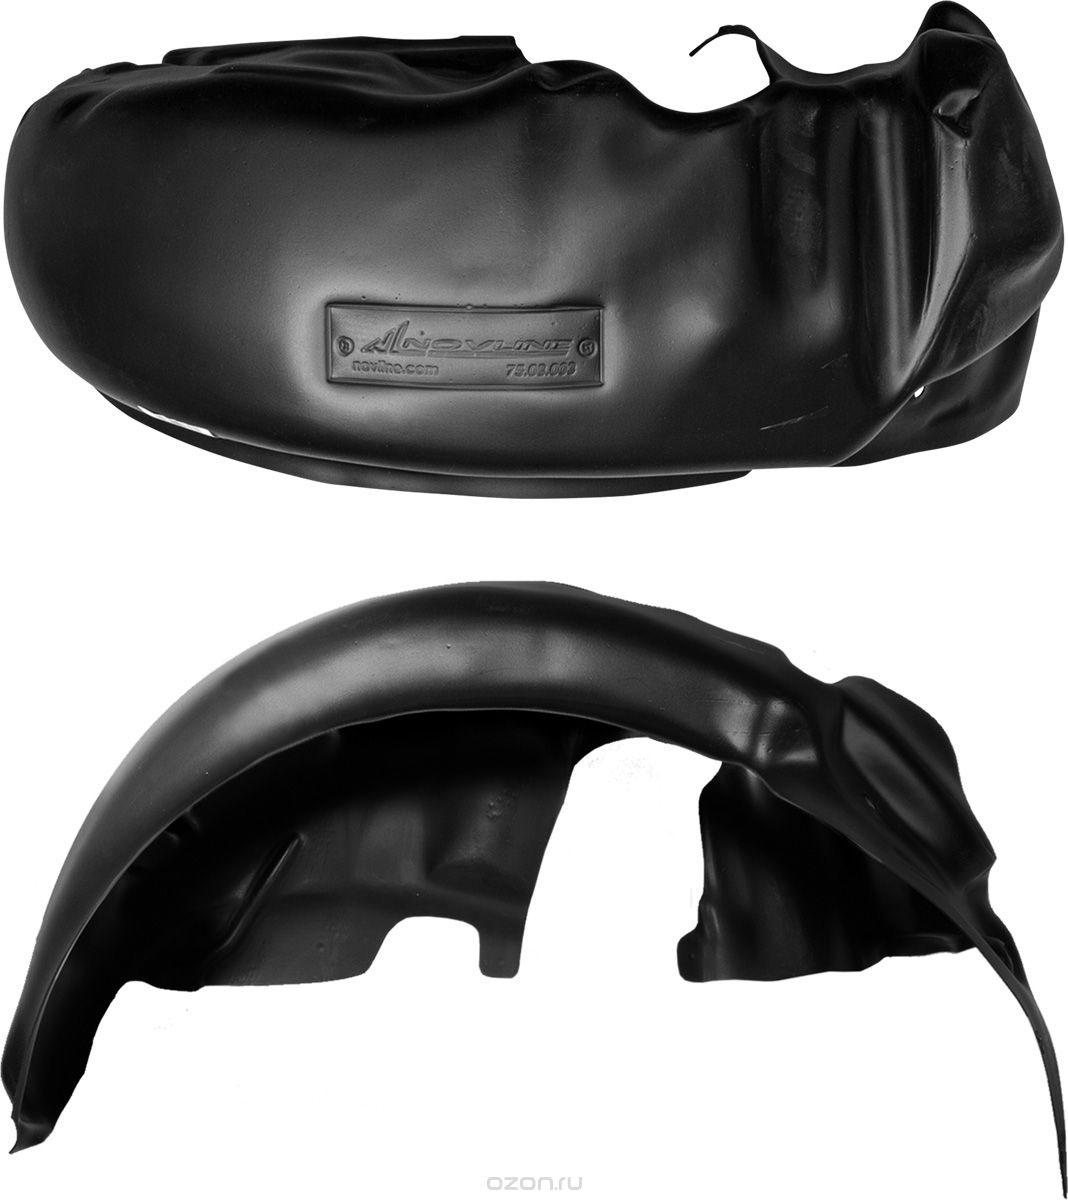 Подкрылок Novline-Autofamily, для FORD Focus III, 04/2011-2015, 2015-> сед., хб., задний левыйDW90Идеальная защита колесной ниши. Локеры разработаны с применением цифровых технологий, гарантируют максимальную повторяемость поверхности арки. Изделия устанавливаются без нарушения лакокрасочного покрытия автомобиля, каждый подкрылок комплектуется крепежом. Уважаемые клиенты, обращаем ваше внимание, что фотографии на подкрылки универсальные и не отражают реальную форму изделия. При этом само изделие идет точно под размер указанного автомобиля.